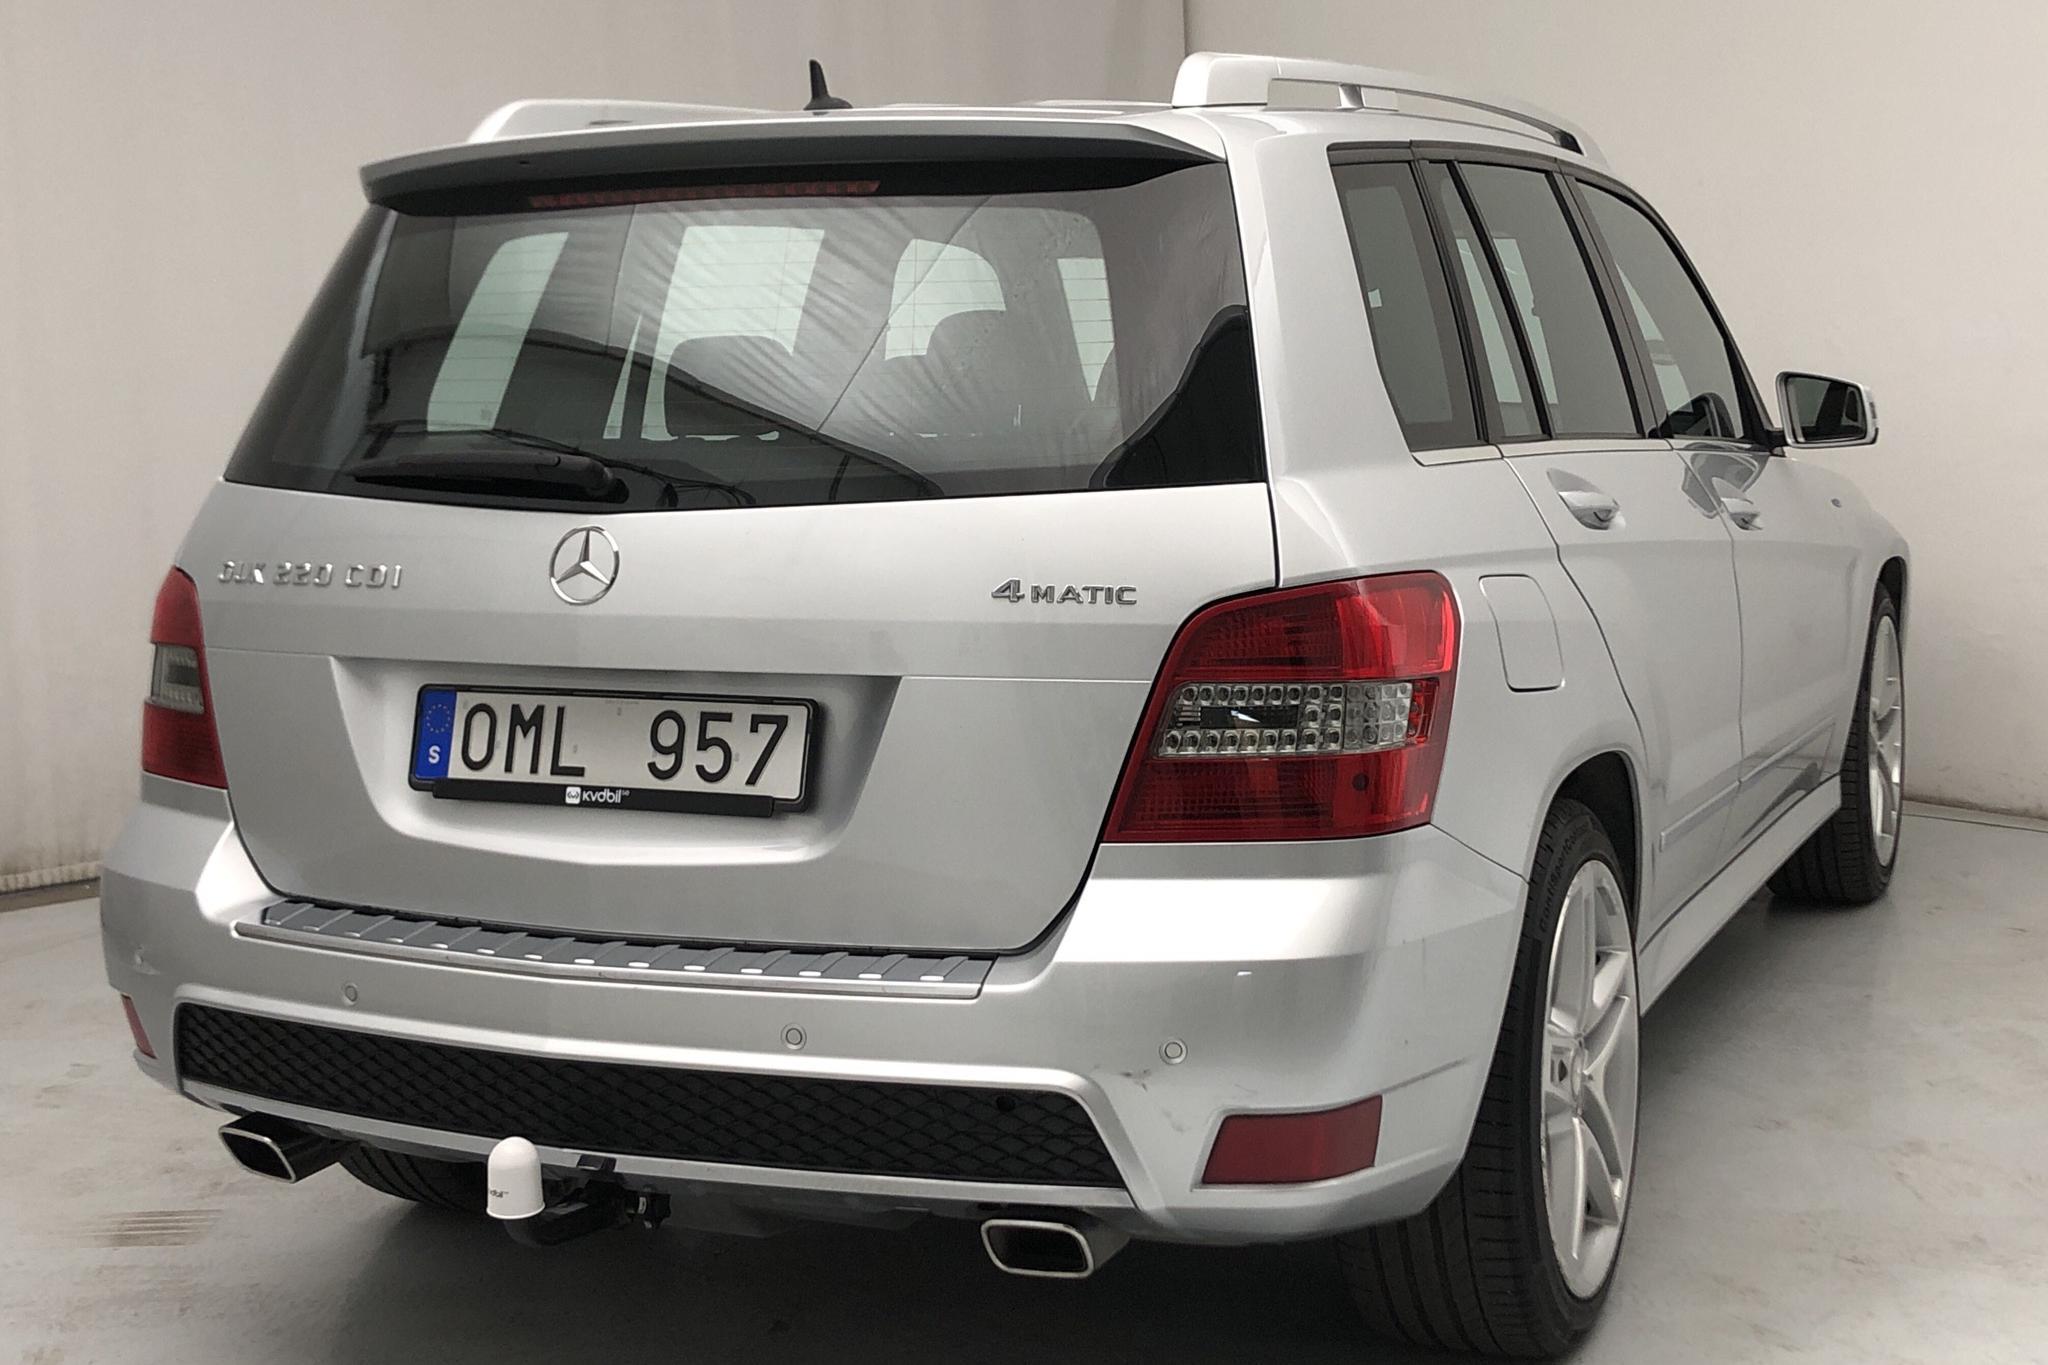 Mercedes GLK 220 CDI 4MATIC X204 (170hk) - 180 210 km - Automatic - silver - 2012